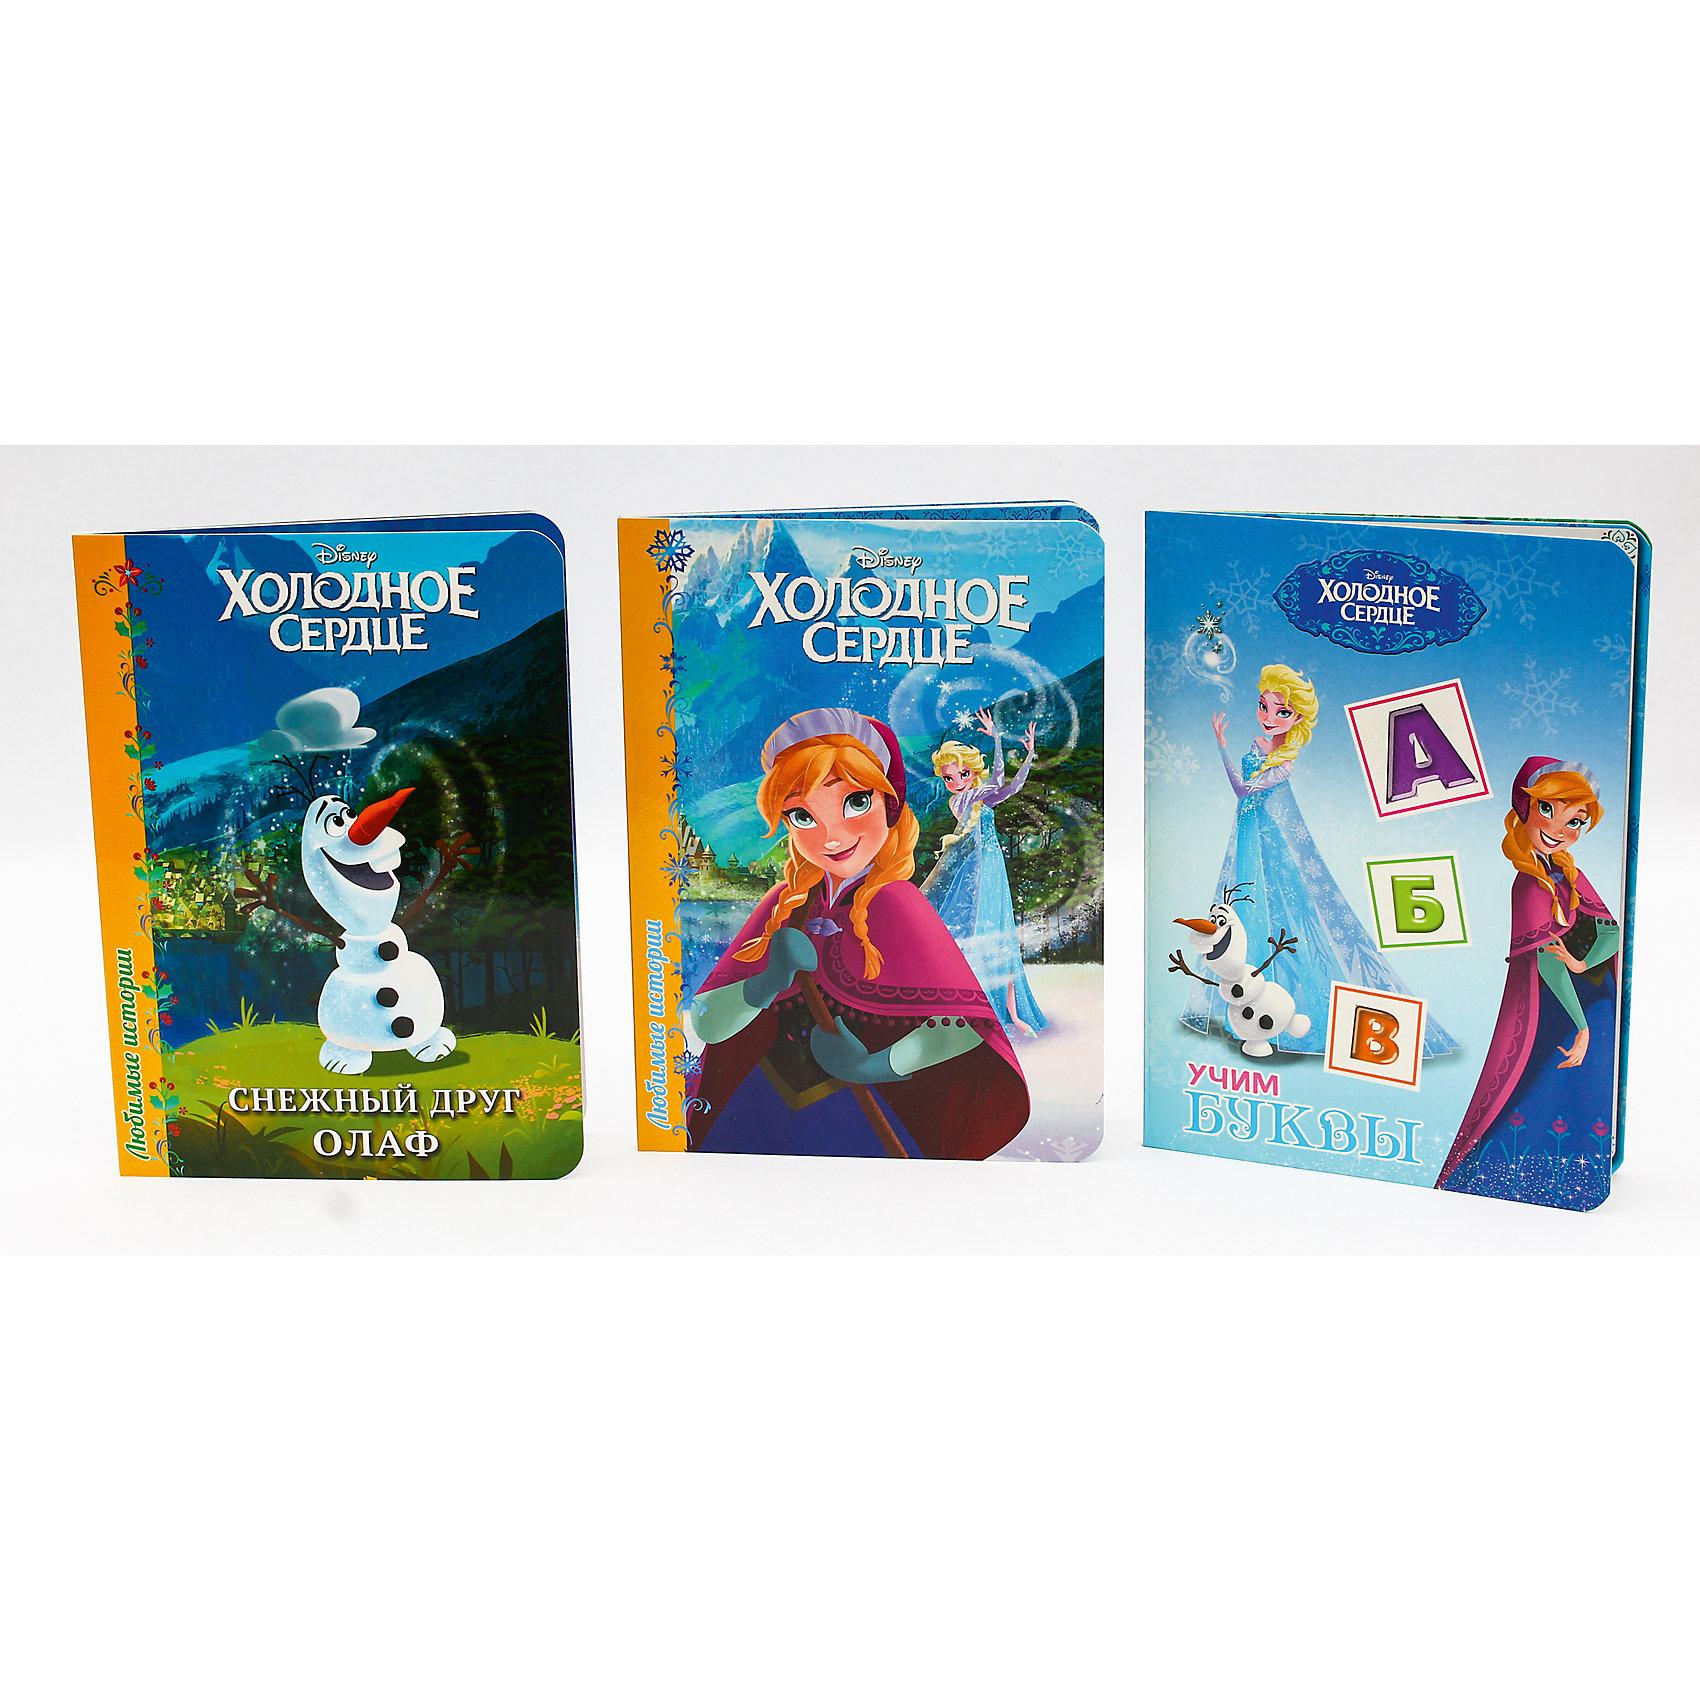 Комплект книг Disney  Снежный друг Олаф, Холодное сердце,  Учим буквыСказки<br>Маленький друг,волшебство-вокруг тебя,стоит только приглядеться!И книги Disney тебе в этом помогут. Они унесут тебя в восхитительный мир,где сказка оживает. Скорее отправляйся в незабываемое путешествие вместе с добрым снеговиком Олафом,который так любит тёплые объятия!<br><br>Ширина мм: 160<br>Глубина мм: 220<br>Высота мм: 18<br>Вес г: 431<br>Возраст от месяцев: 0<br>Возраст до месяцев: 36<br>Пол: Женский<br>Возраст: Детский<br>SKU: 6990113